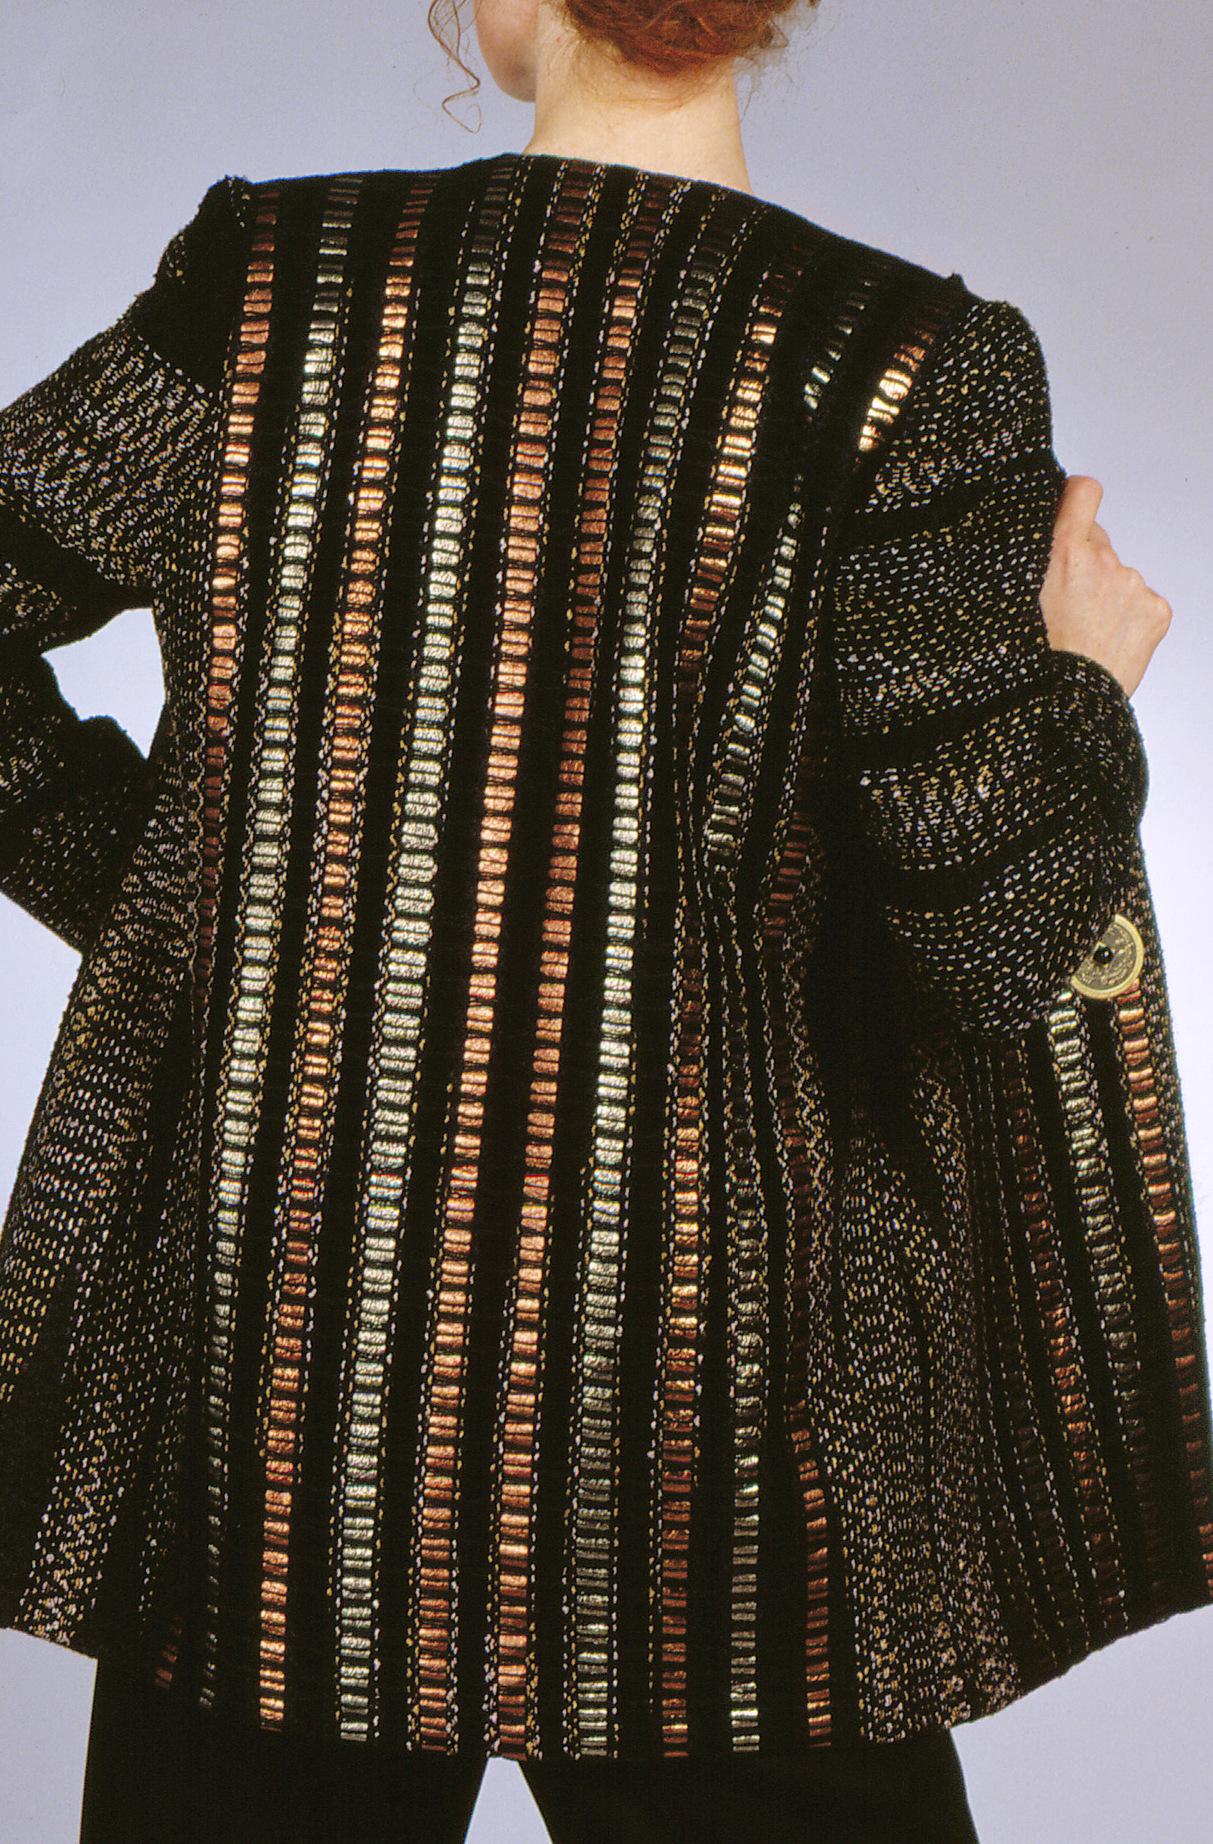 Handwoven Jacket, Business Apparel, Kathleen Weir-West 7.jpg